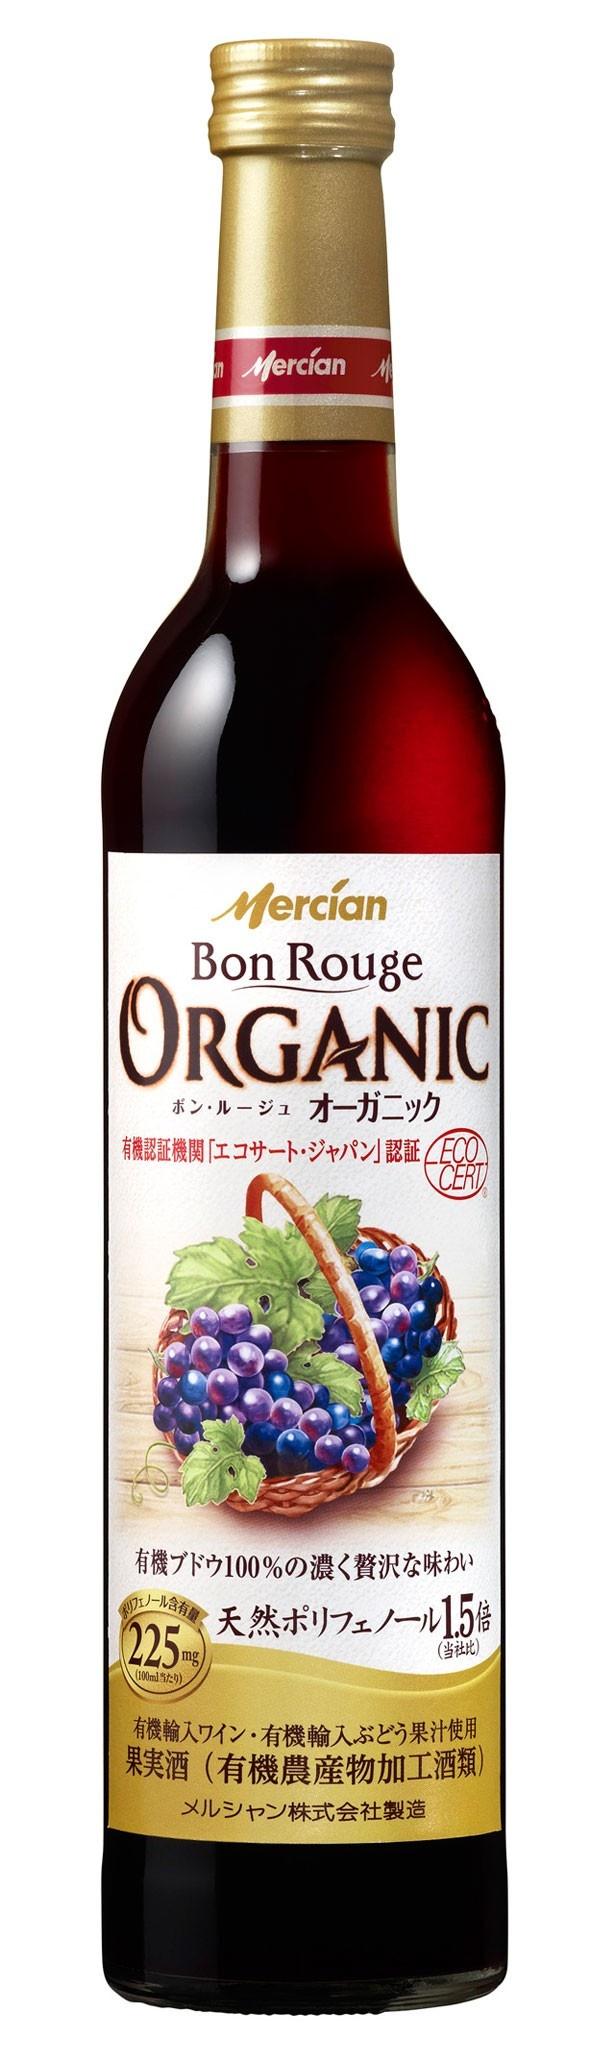 ロングセラーブランド「ボン・ルージュ」シリーズに、有機ブドウ100%使用の「ボン・ルージュ オーガニック 赤」(オープン価格)が仲間入り